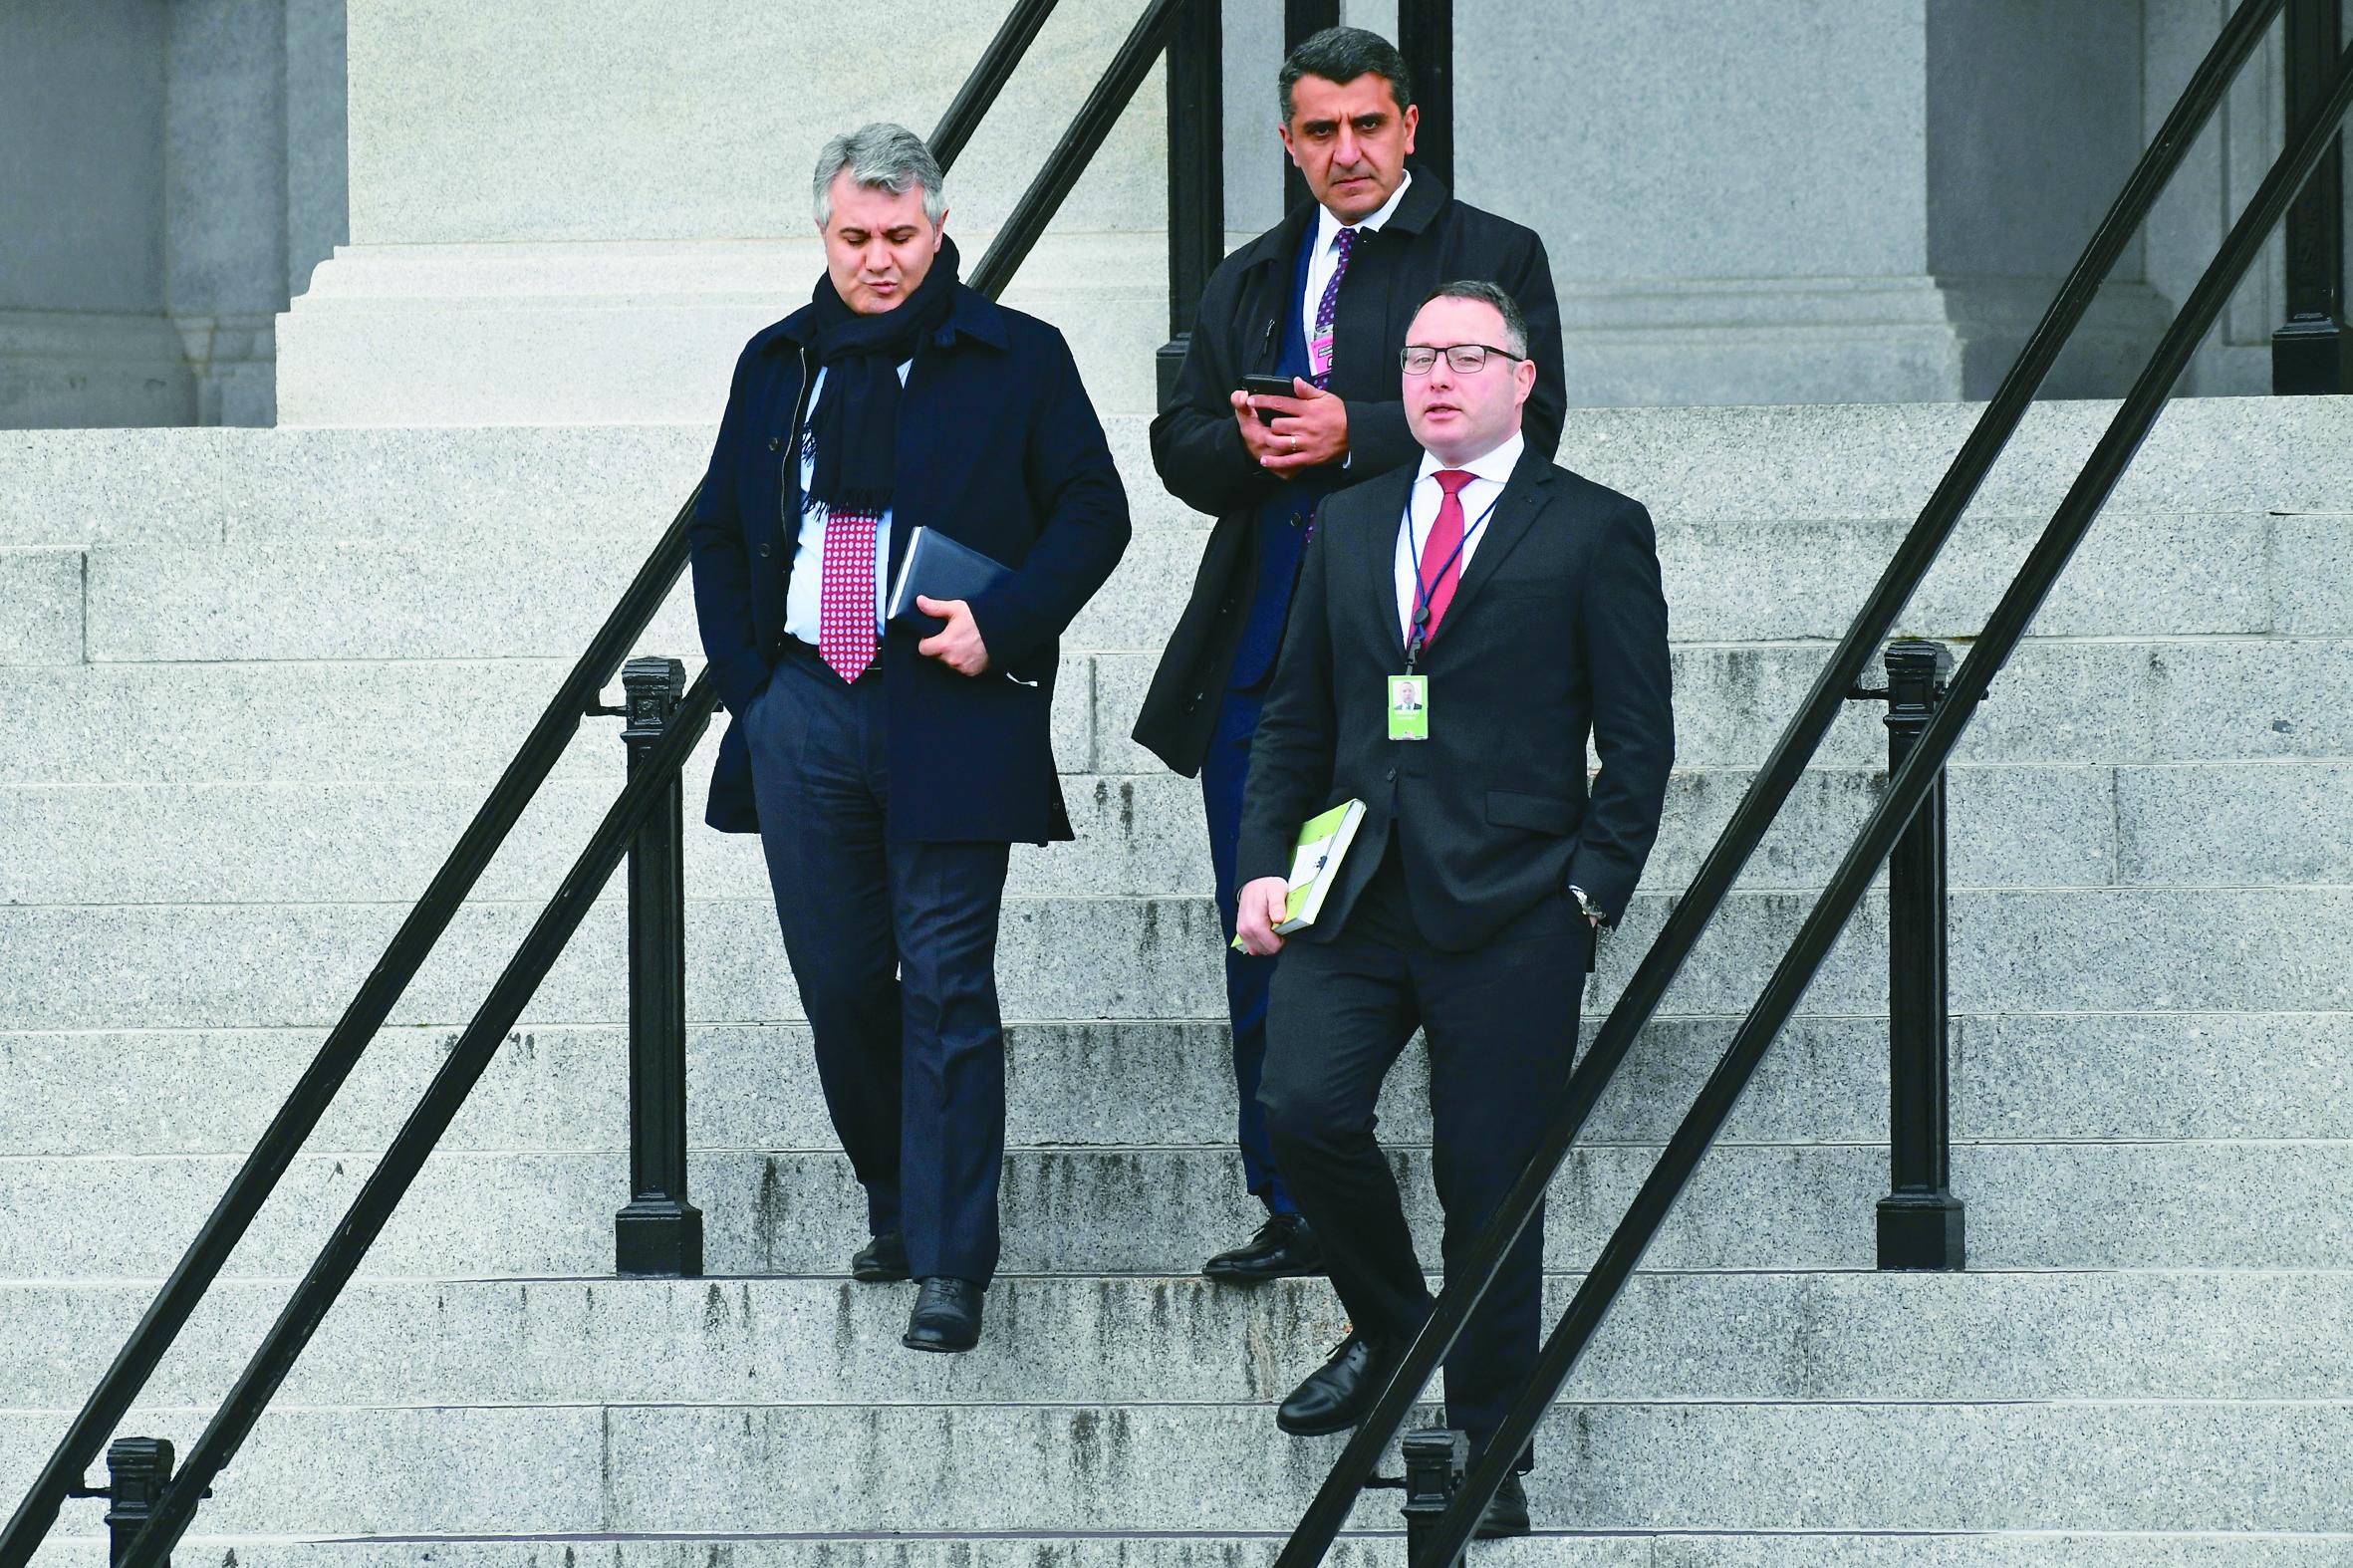 前國安會助理維德曼(右)因為前往國會作證,遭白宮開除。圖為維德曼走出艾森豪行政大樓的資料照片。(美聯社)